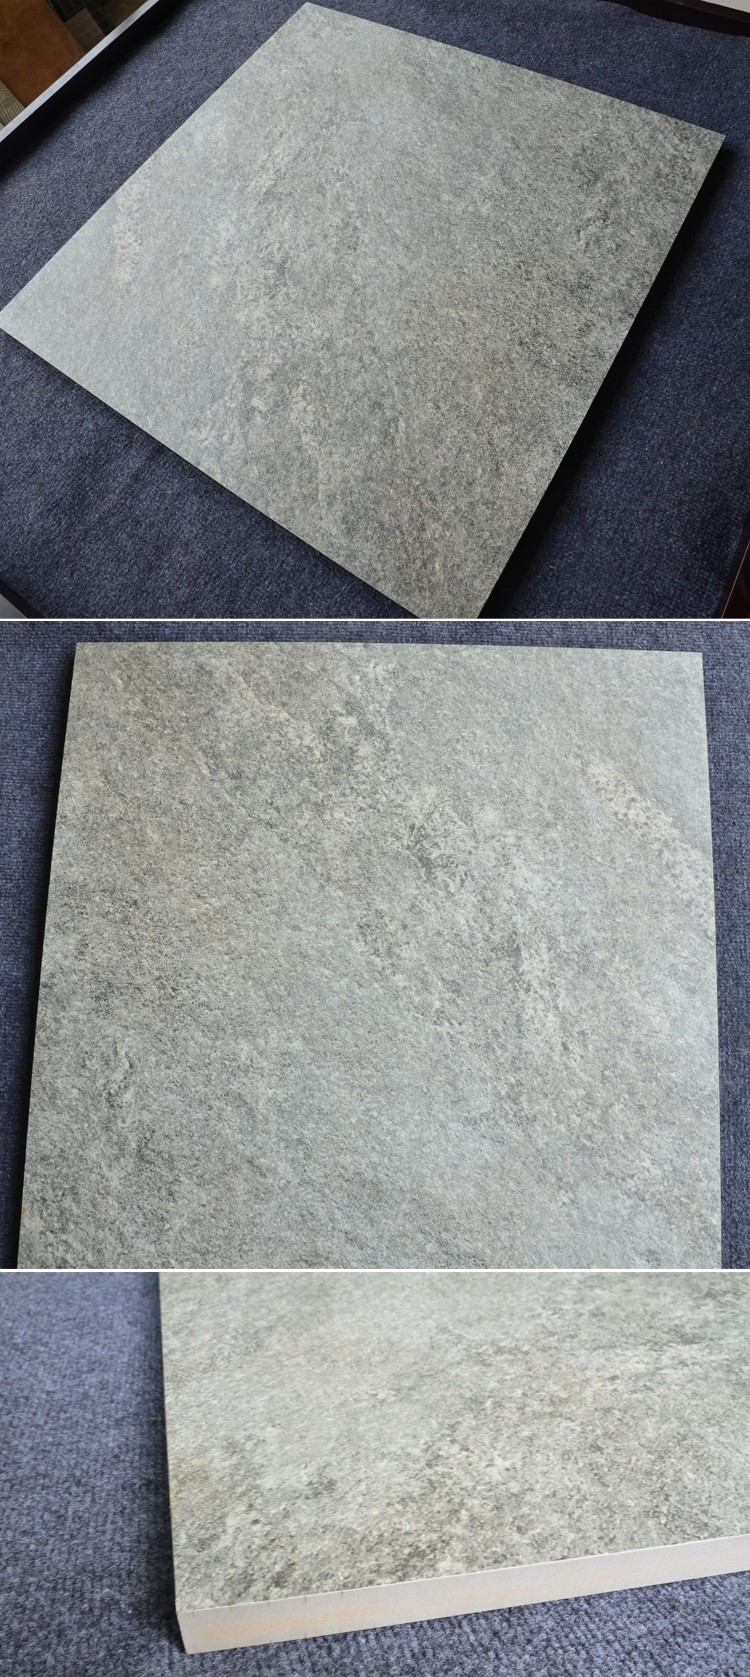 Ha624u cement tile floorpaver tilecement color floor tile matt ha624u cement tile floorpaver tilecement color floor tile matt finish dailygadgetfo Images